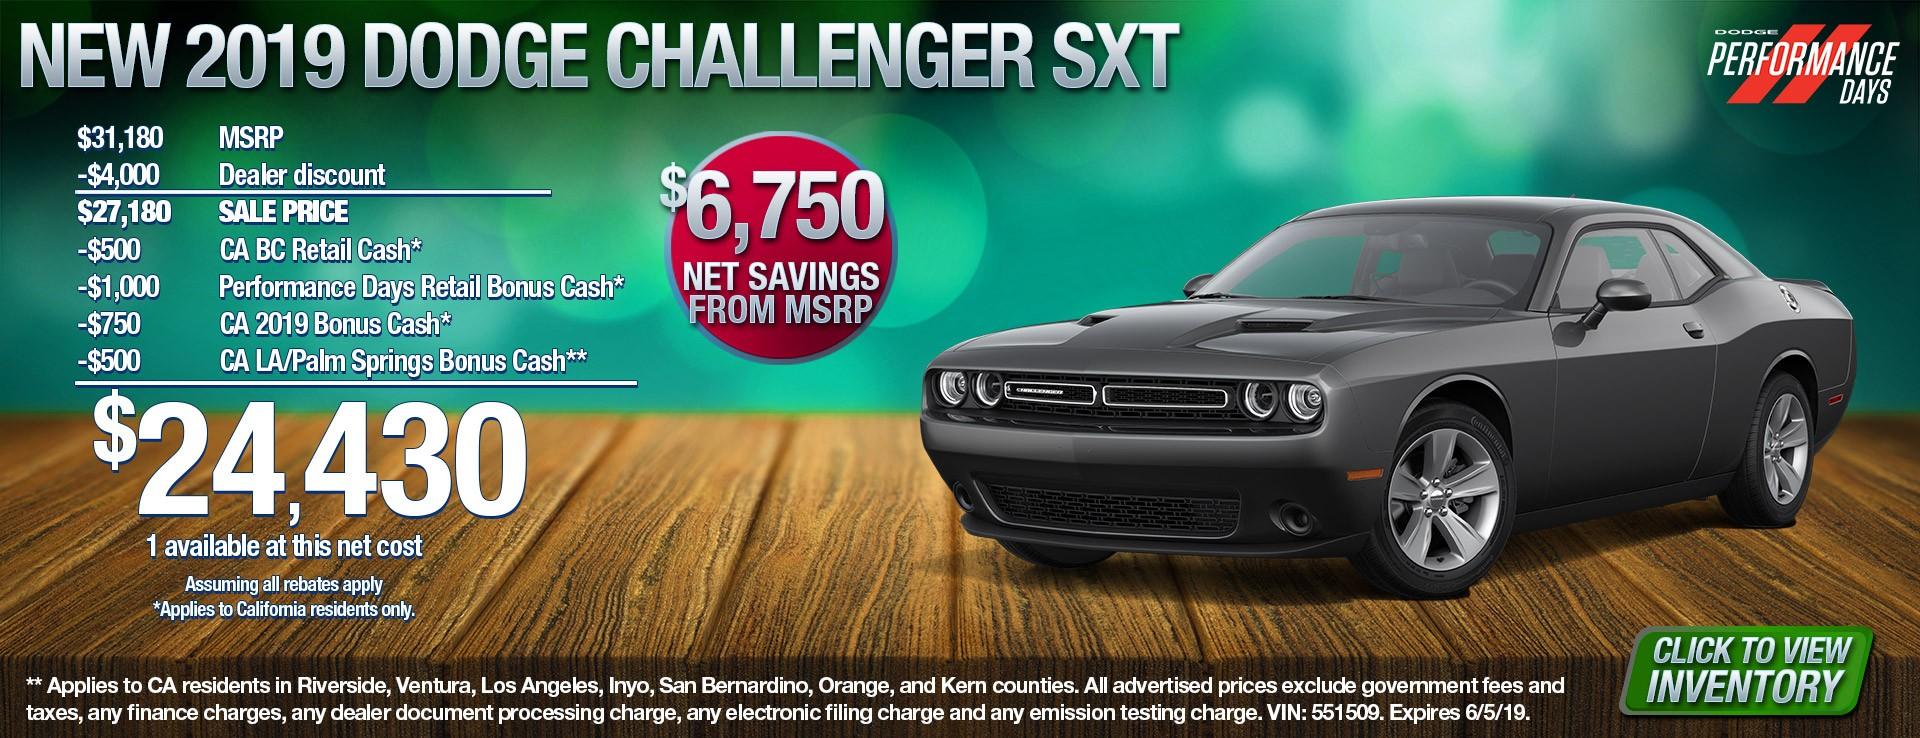 19 Challenger SXT